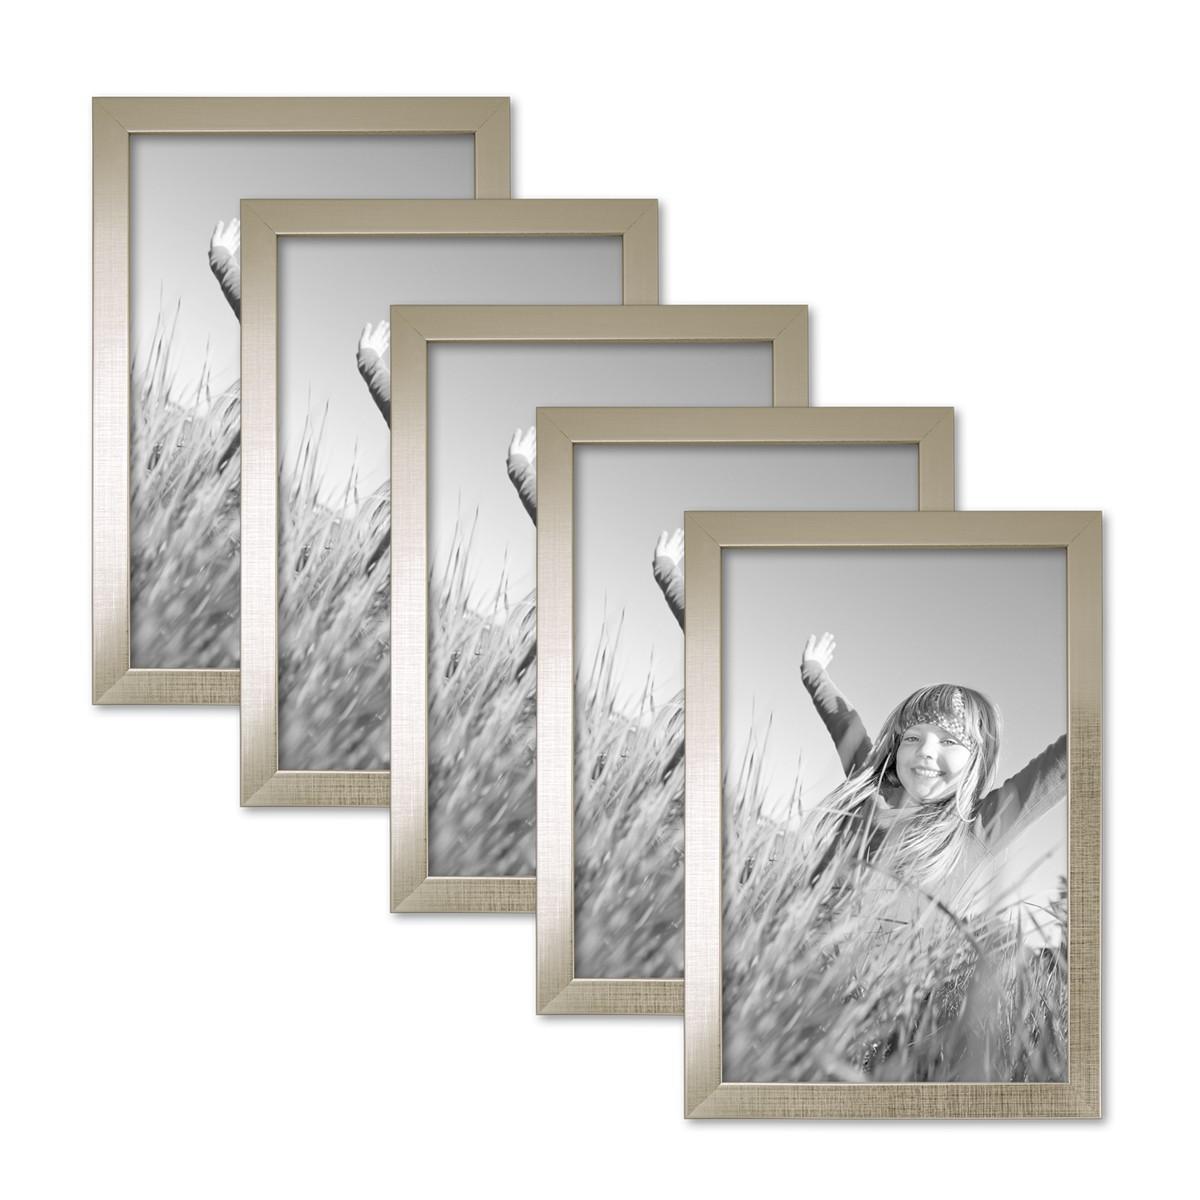 5er set bilderrahmen 21x30 cm din a4 silber modern massivholz rahmen mit glasscheibe inkl. Black Bedroom Furniture Sets. Home Design Ideas